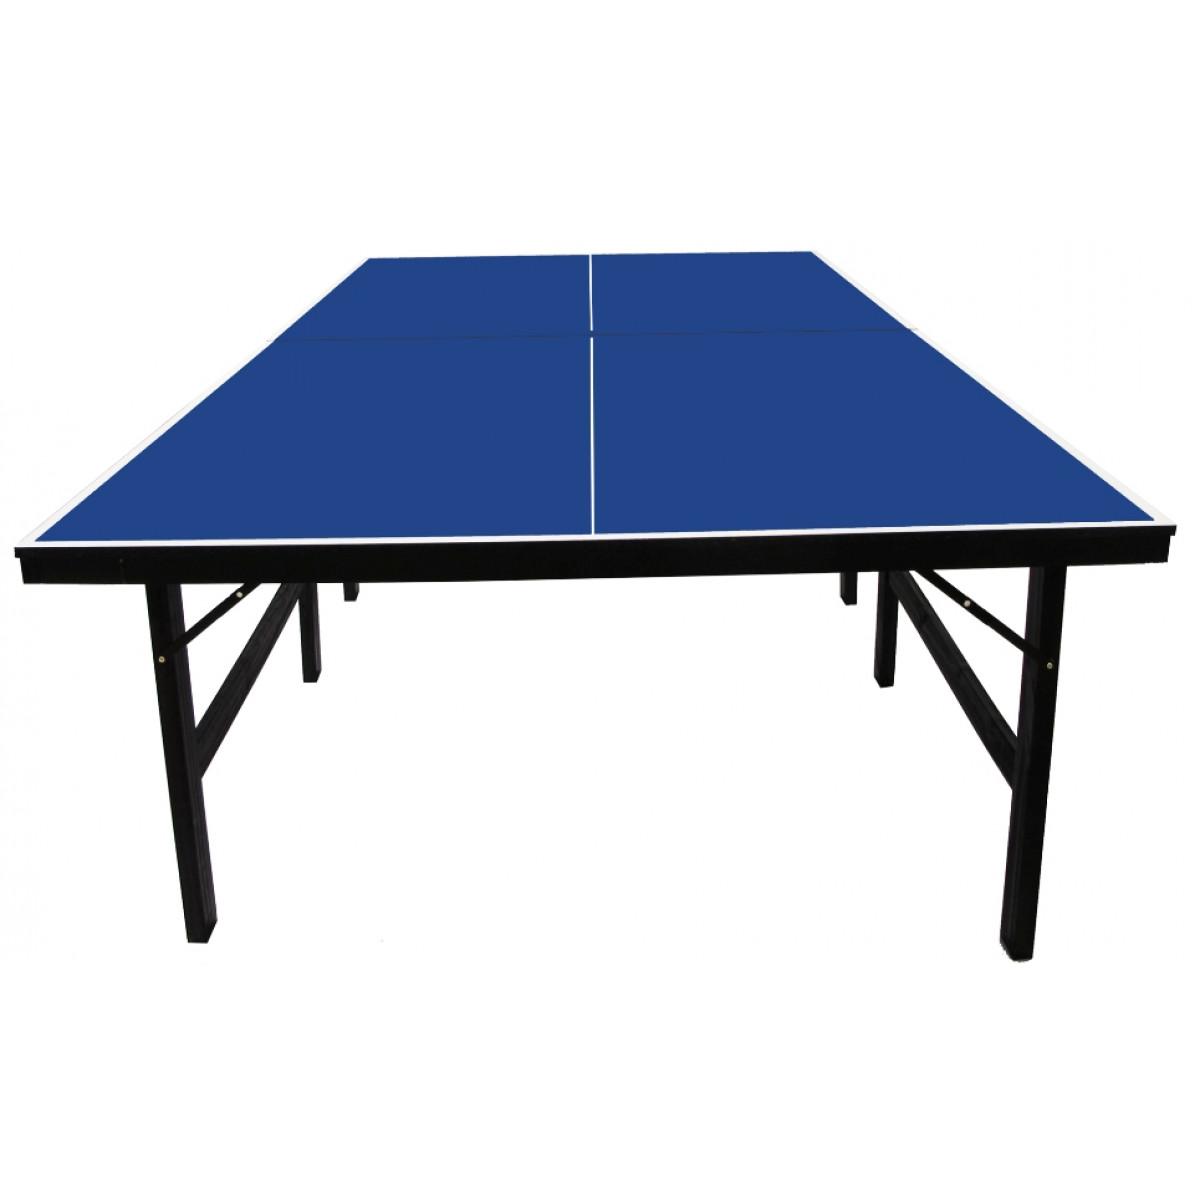 72f34765b Mesa de Tênis de Mesa   Ping Pong - MDF 18mm - Klopf - Cód. 1019 ...